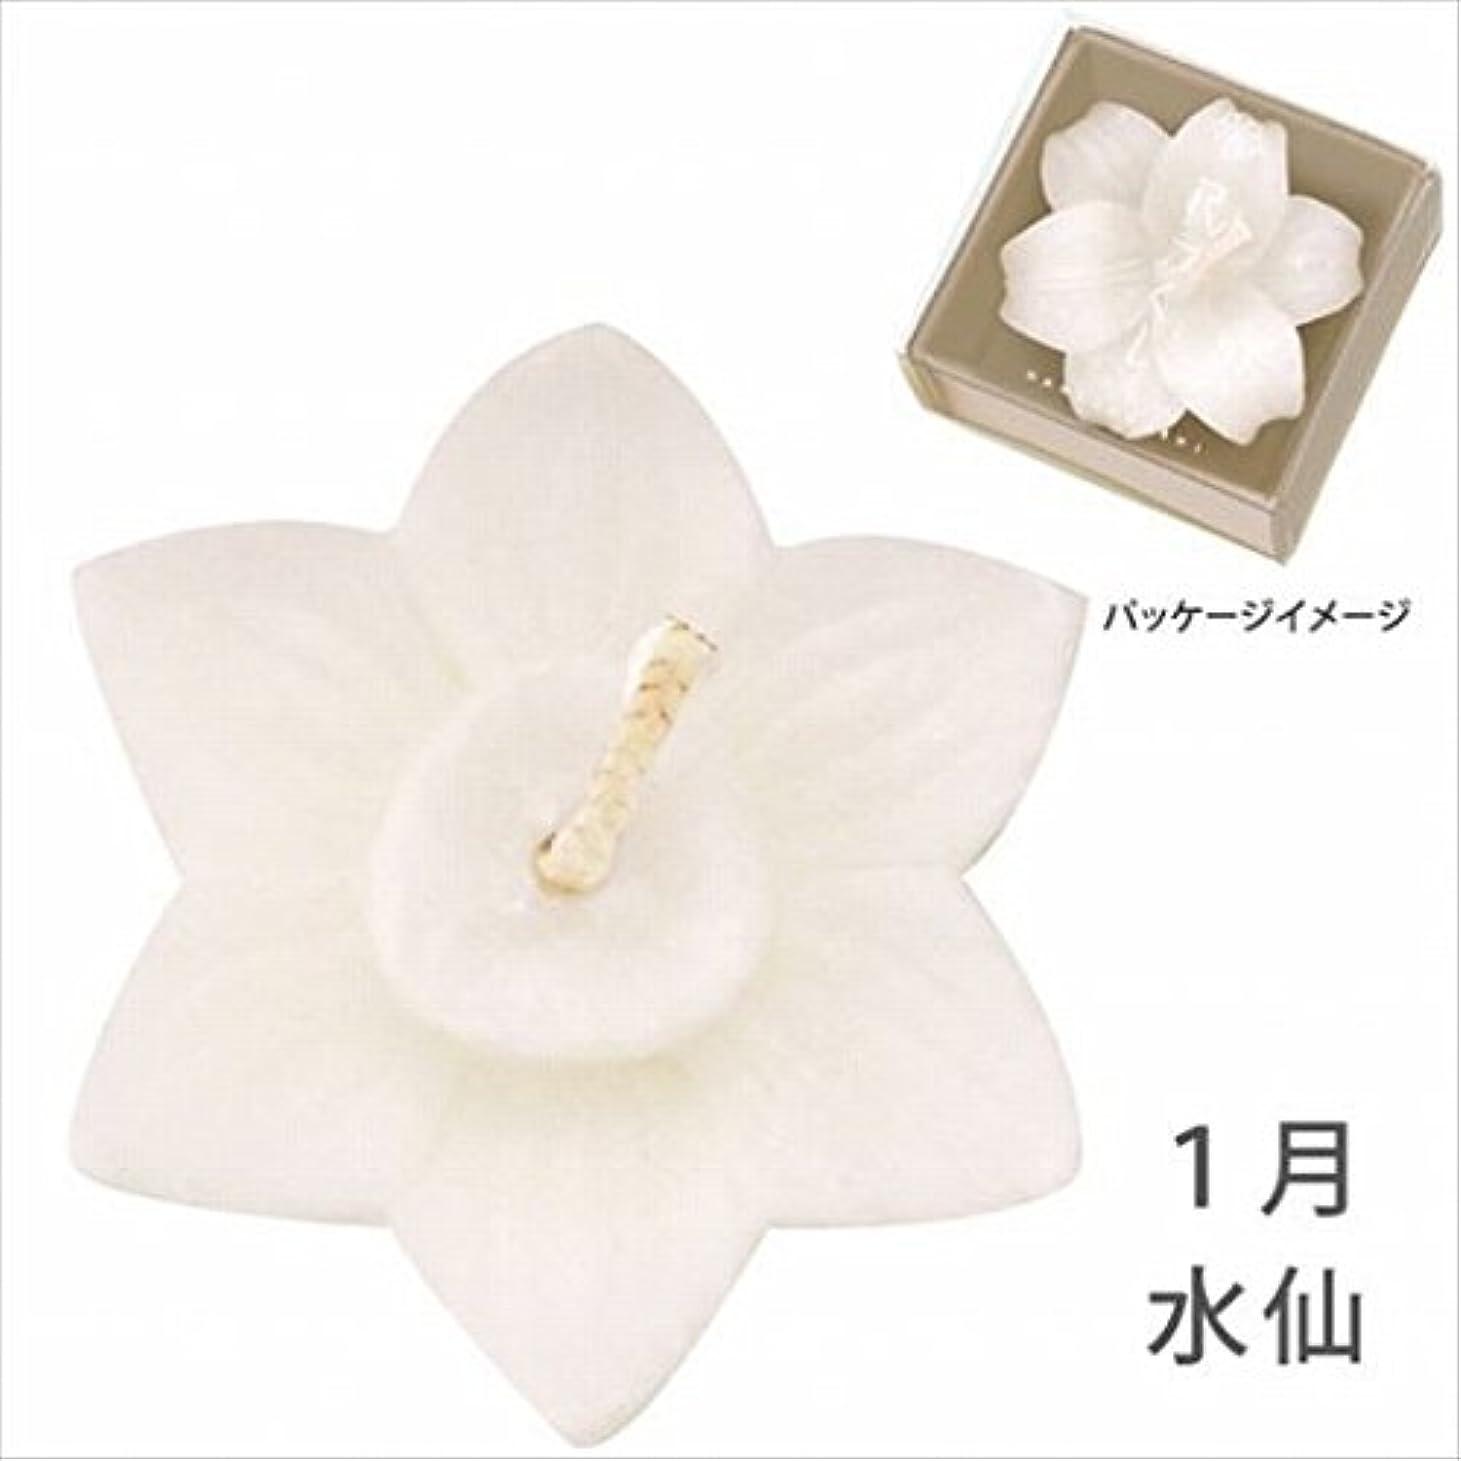 隠すのぞき見理想的にはカメヤマキャンドル( kameyama candle ) 花づくし(植物性) 水仙 「 水仙(1月) 」 キャンドル